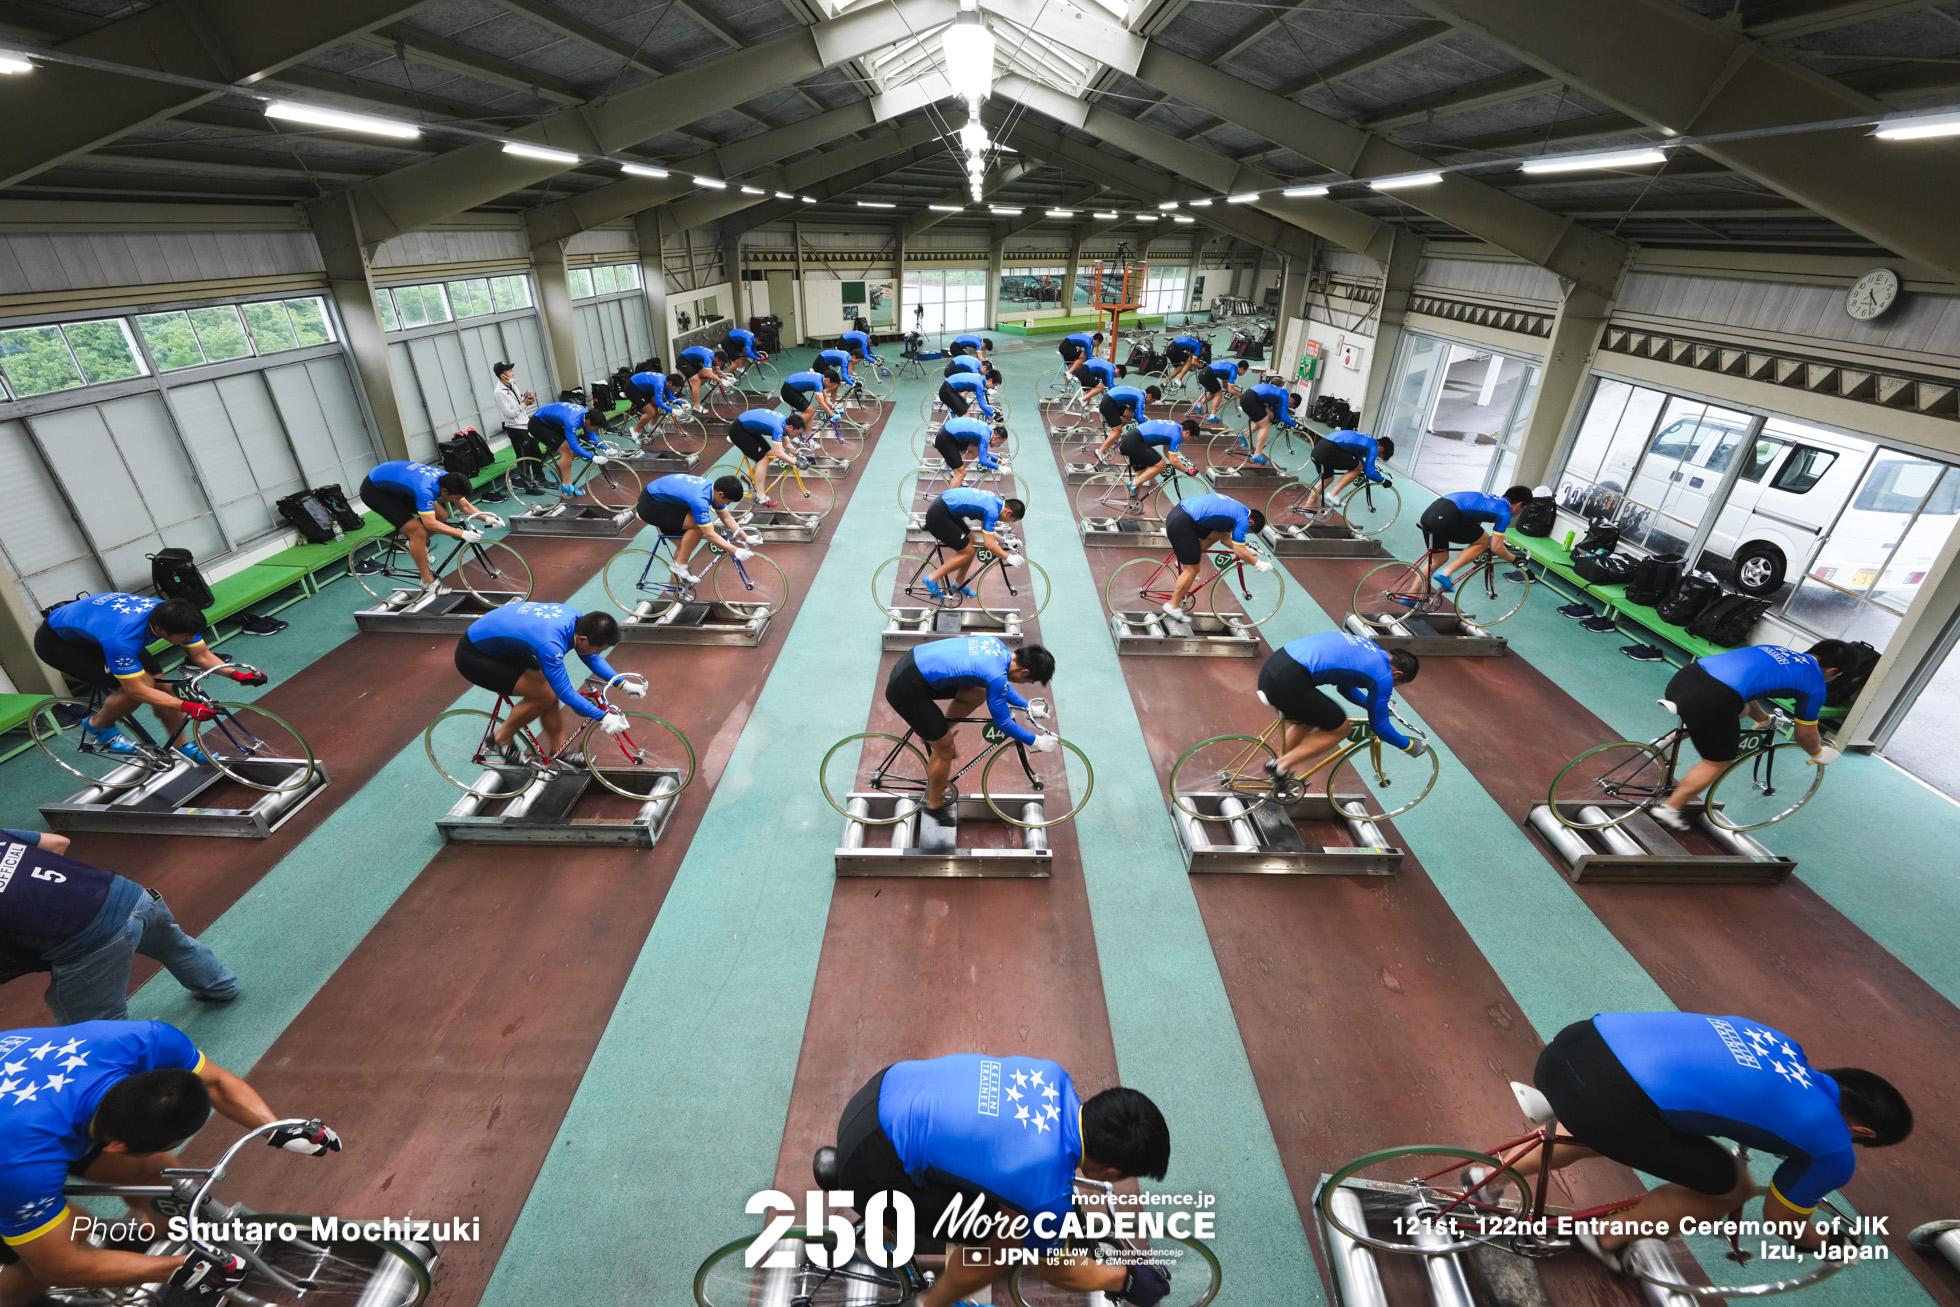 豪雨の中で訓練スタート、日本競輪選手養成所 (JIK)第121・122回生